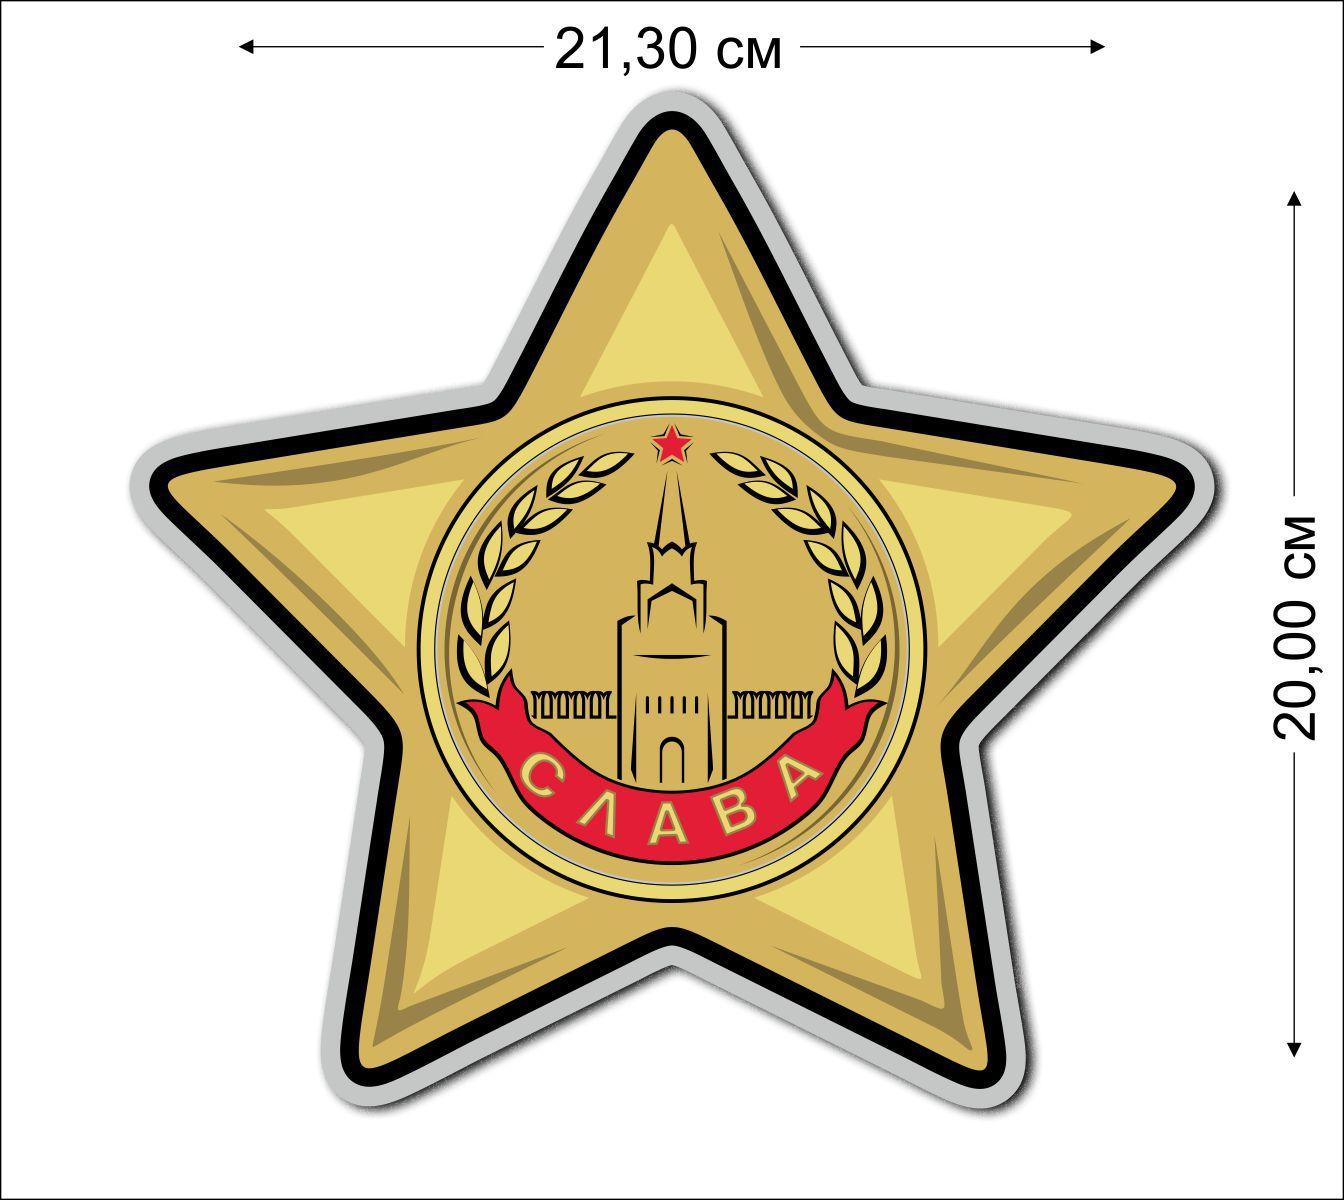 Наклейка с орденом Славы 1 степени